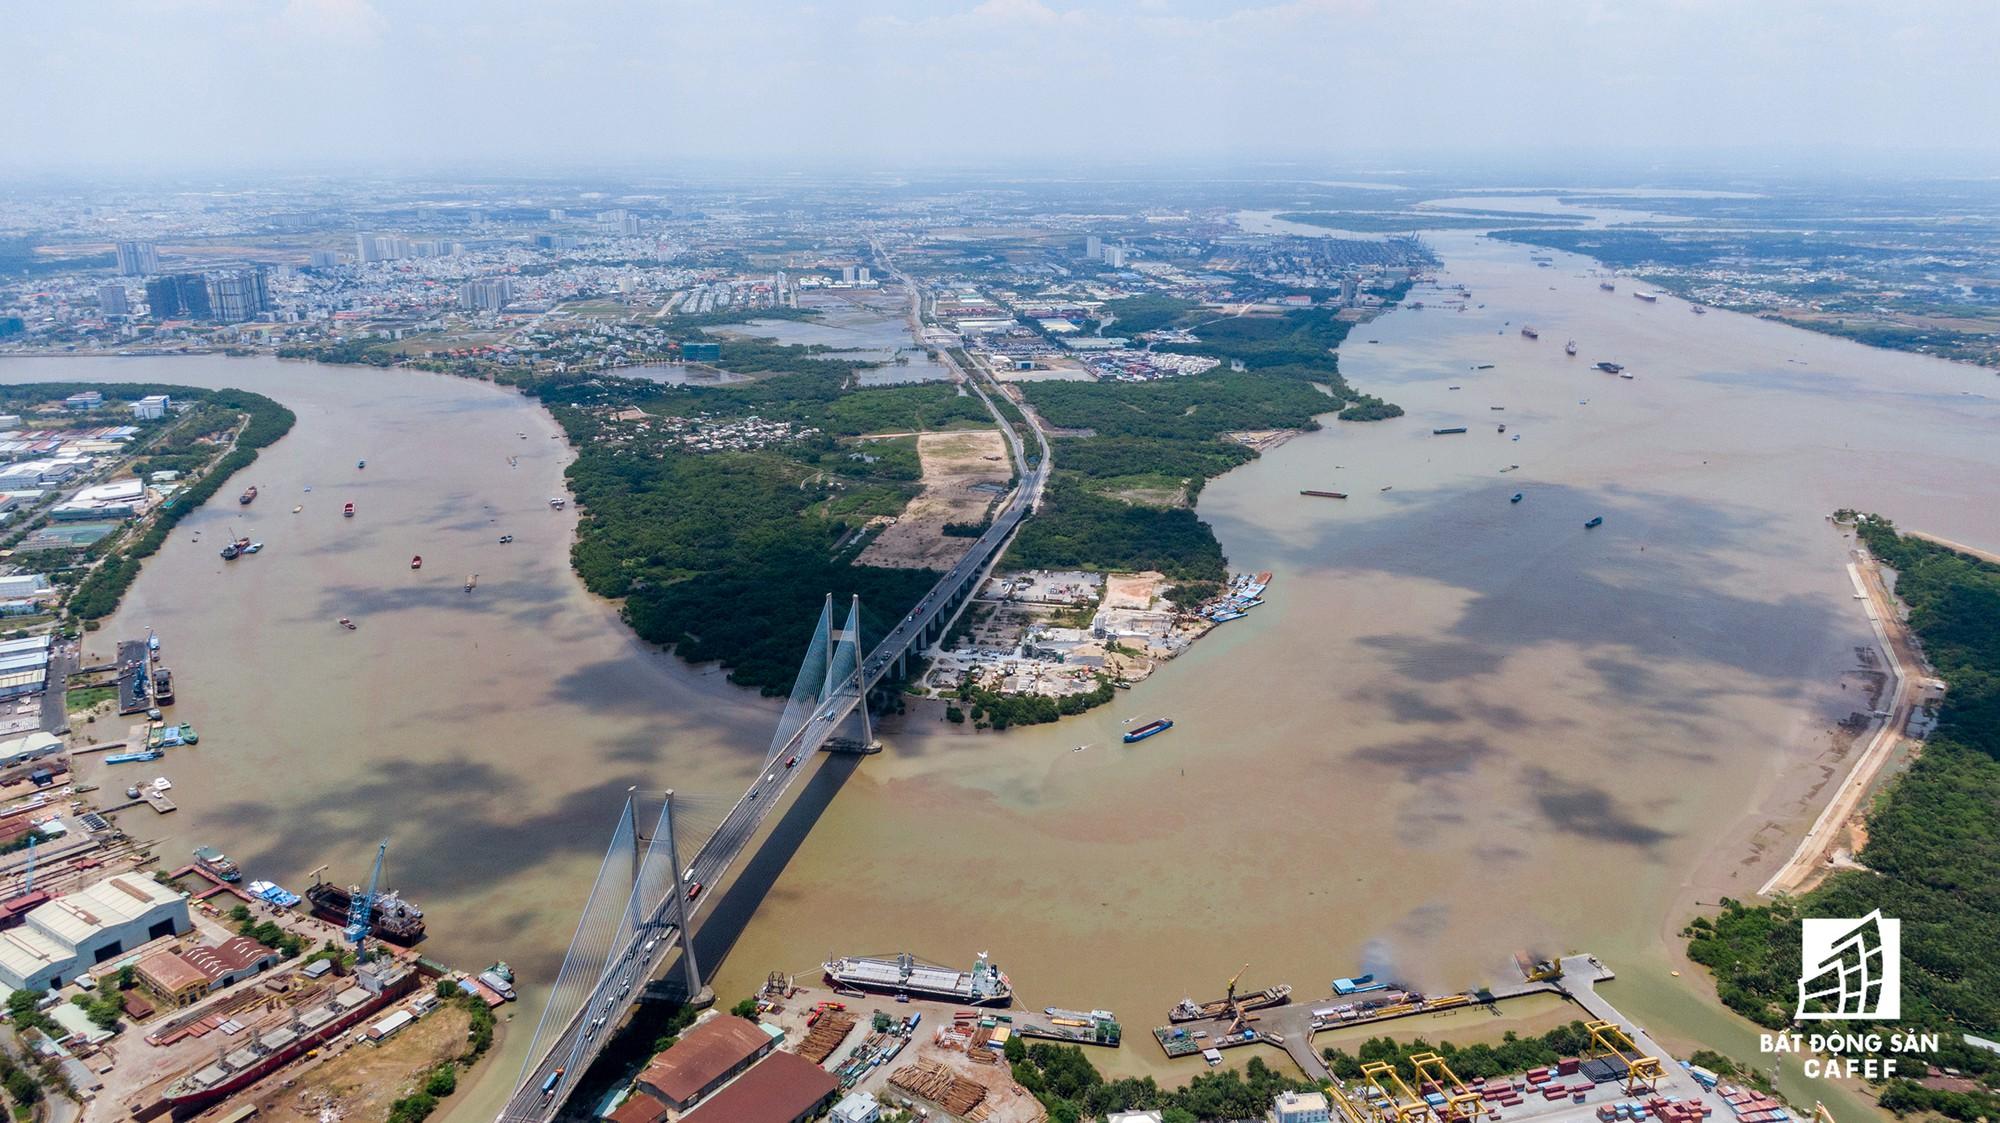 Cung đường dự án tỷ đô khiến bất động sản khu Nam Sài Gòn trỗi dậy - Ảnh 1.